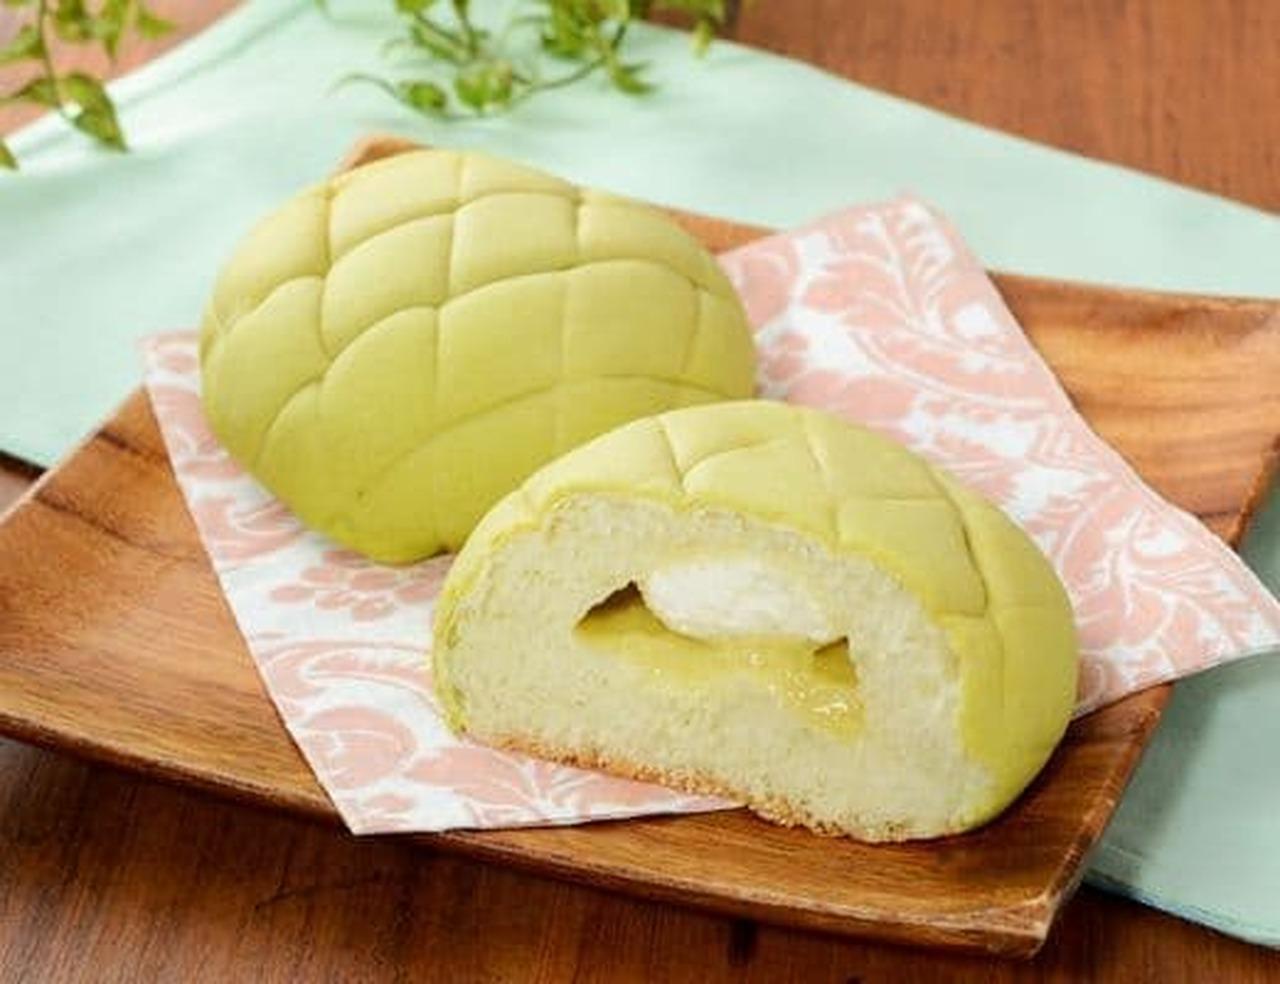 ローソン「しっとりメロンパン メロンクリーム&メロンホイップ」